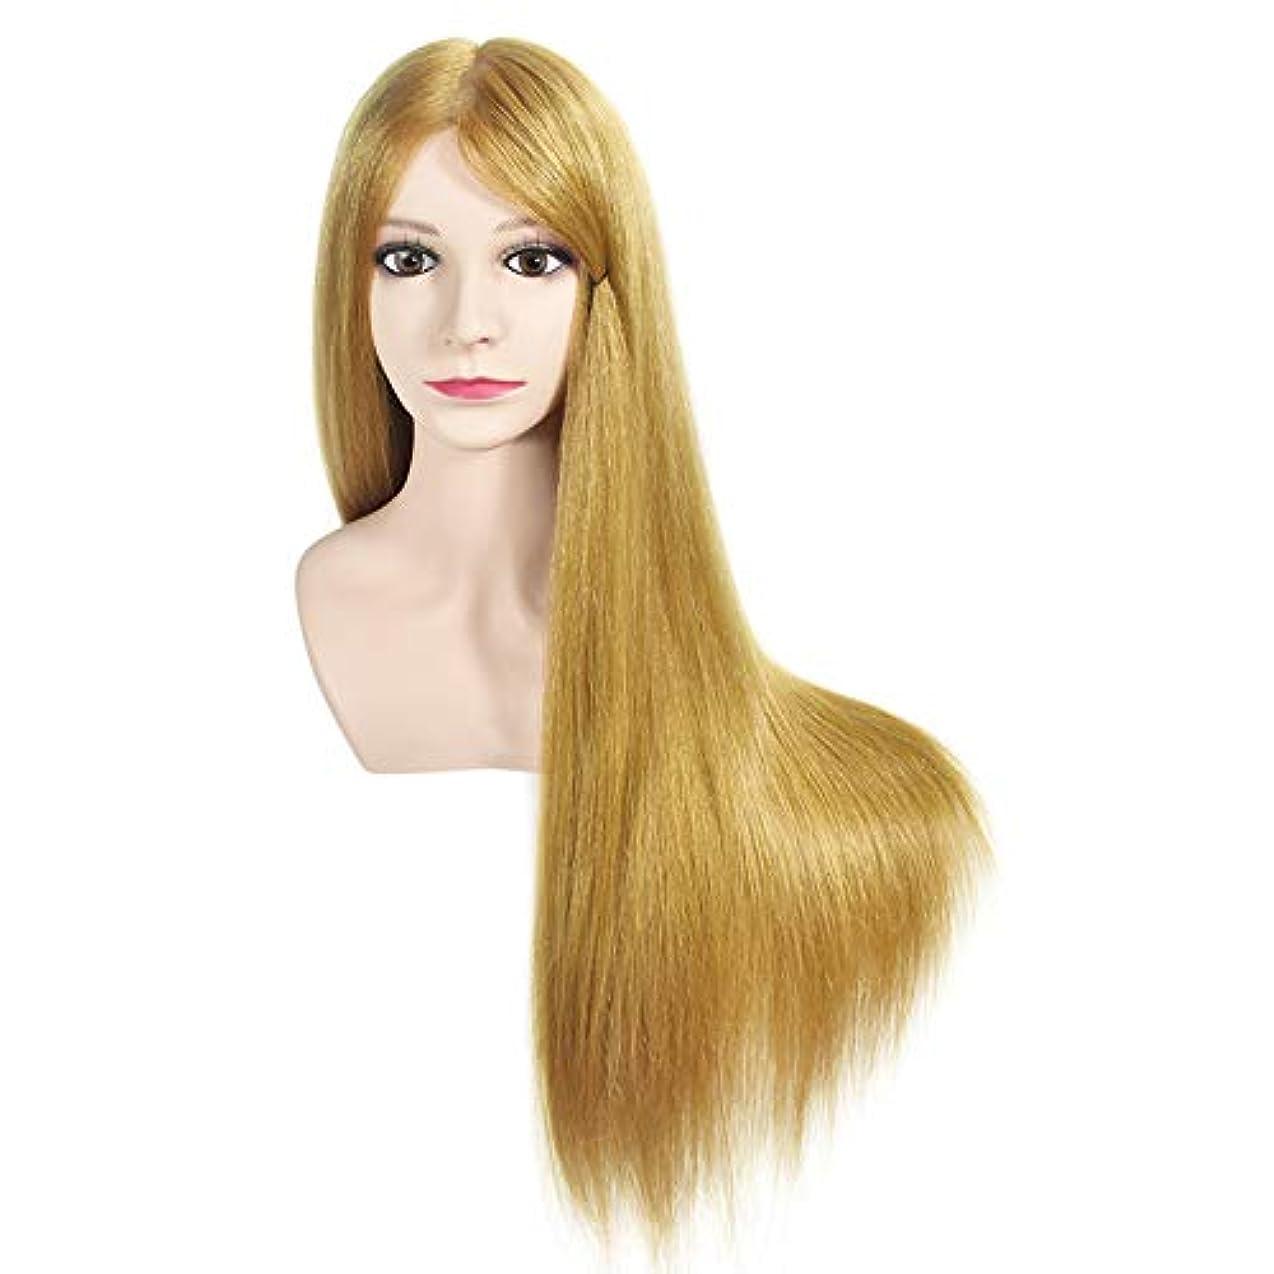 陸軍フェザー発行サロンヘアブレイド理髪指導ヘッドスタイリング散髪ダミーヘッド化粧学習ショルダーマネキンヘッド